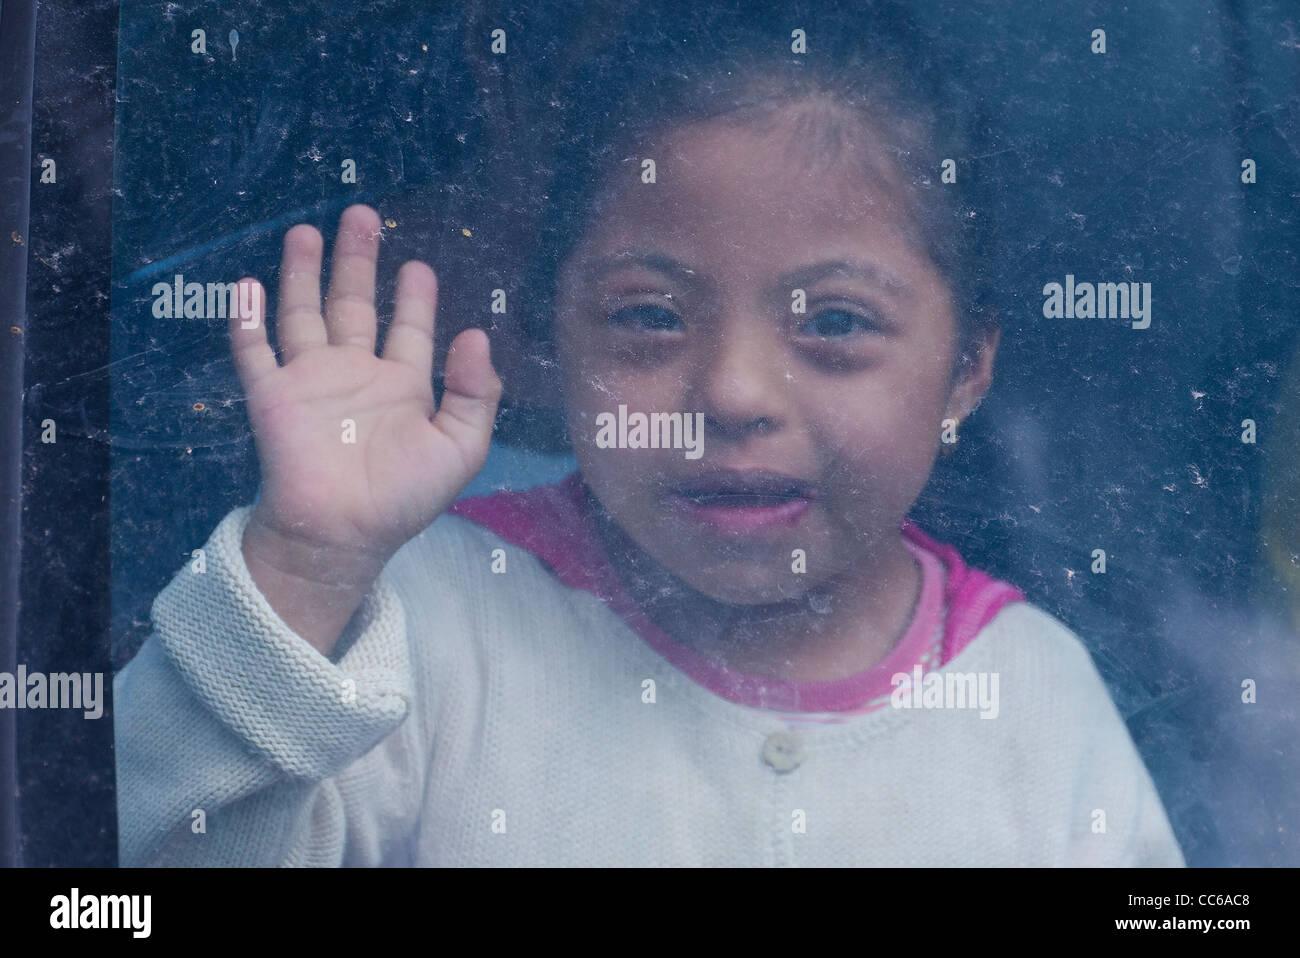 Una niña ecuatoriana niño mirando hacia adelante desde la oscuridad del interior de un coche Imagen De Stock